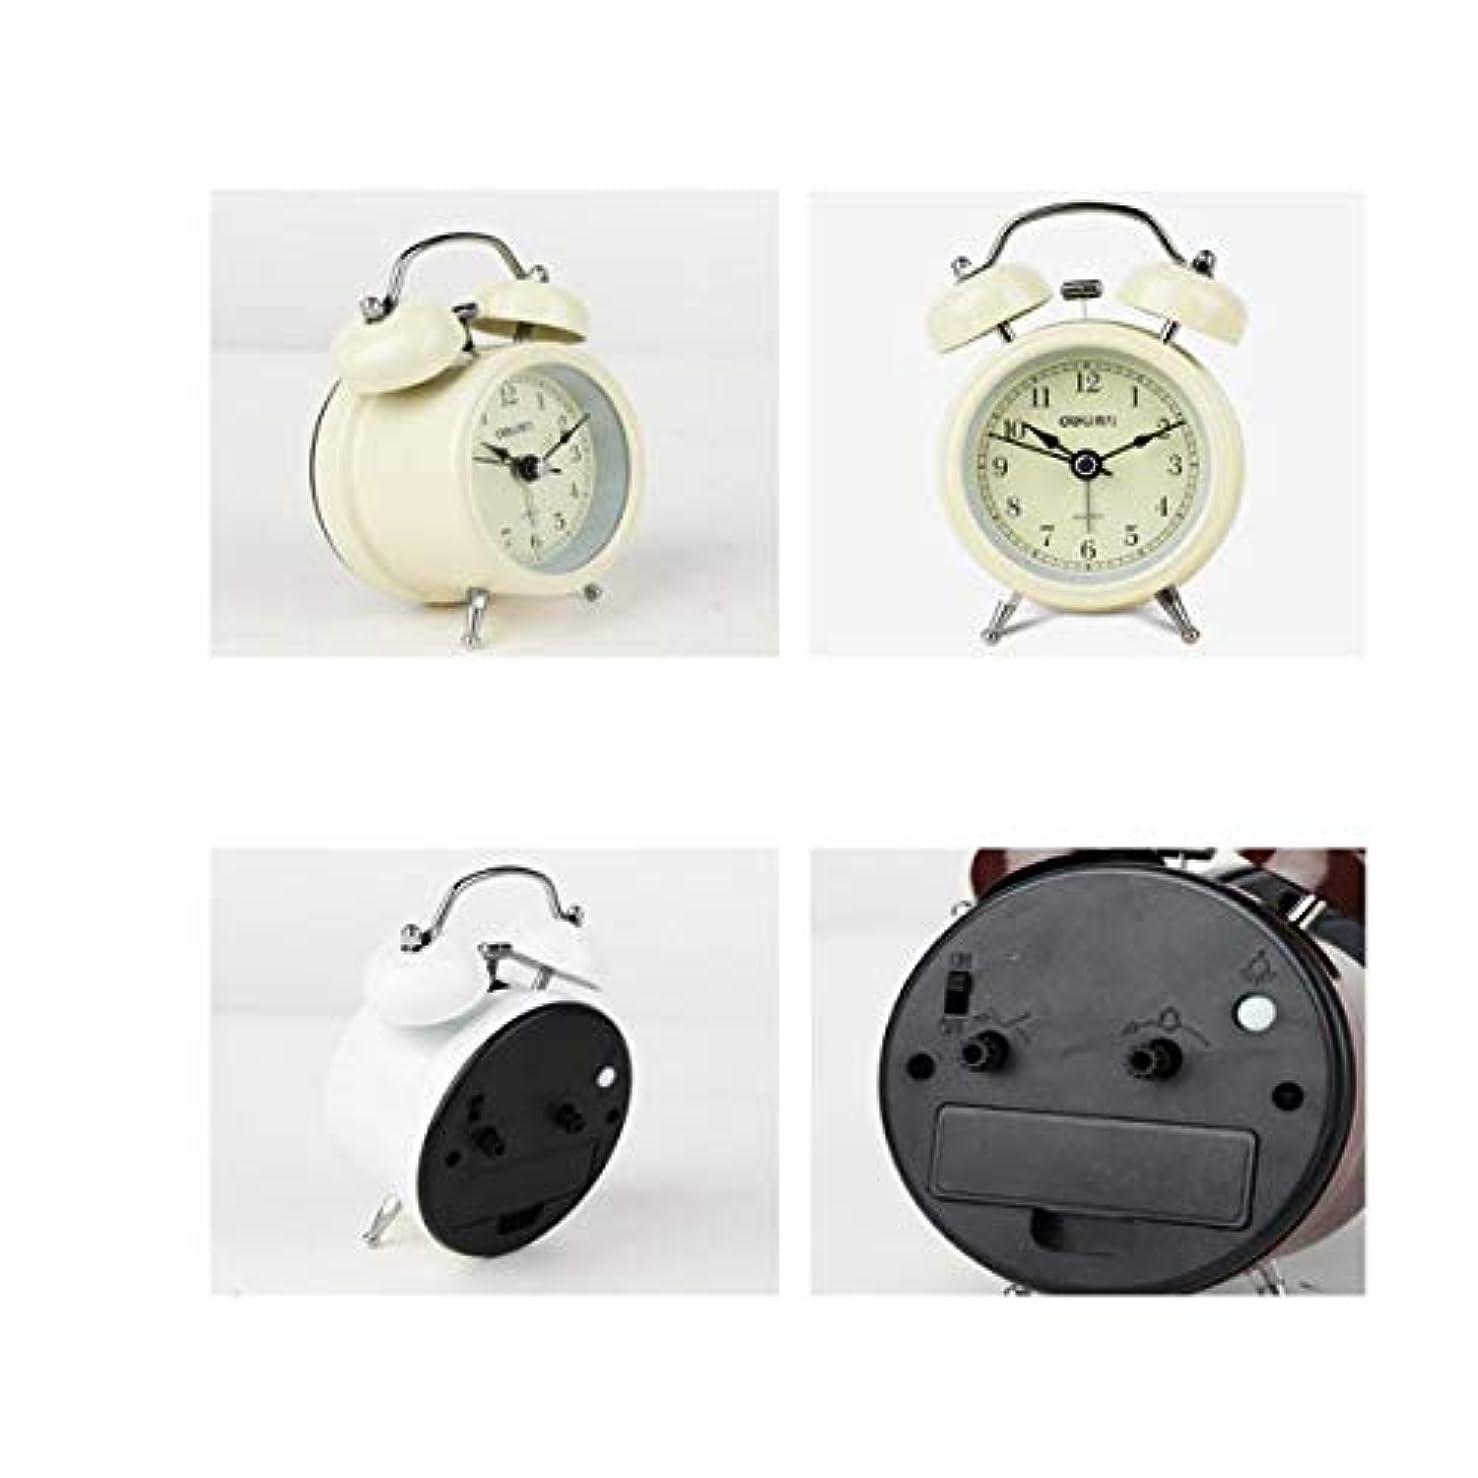 扇動する小切手署名Kaiyitong001 目覚まし時計、家の寝室に適したミニ発光サイレント目覚まし時計、家庭に適して、(ランダムに送信色) (Color : White)